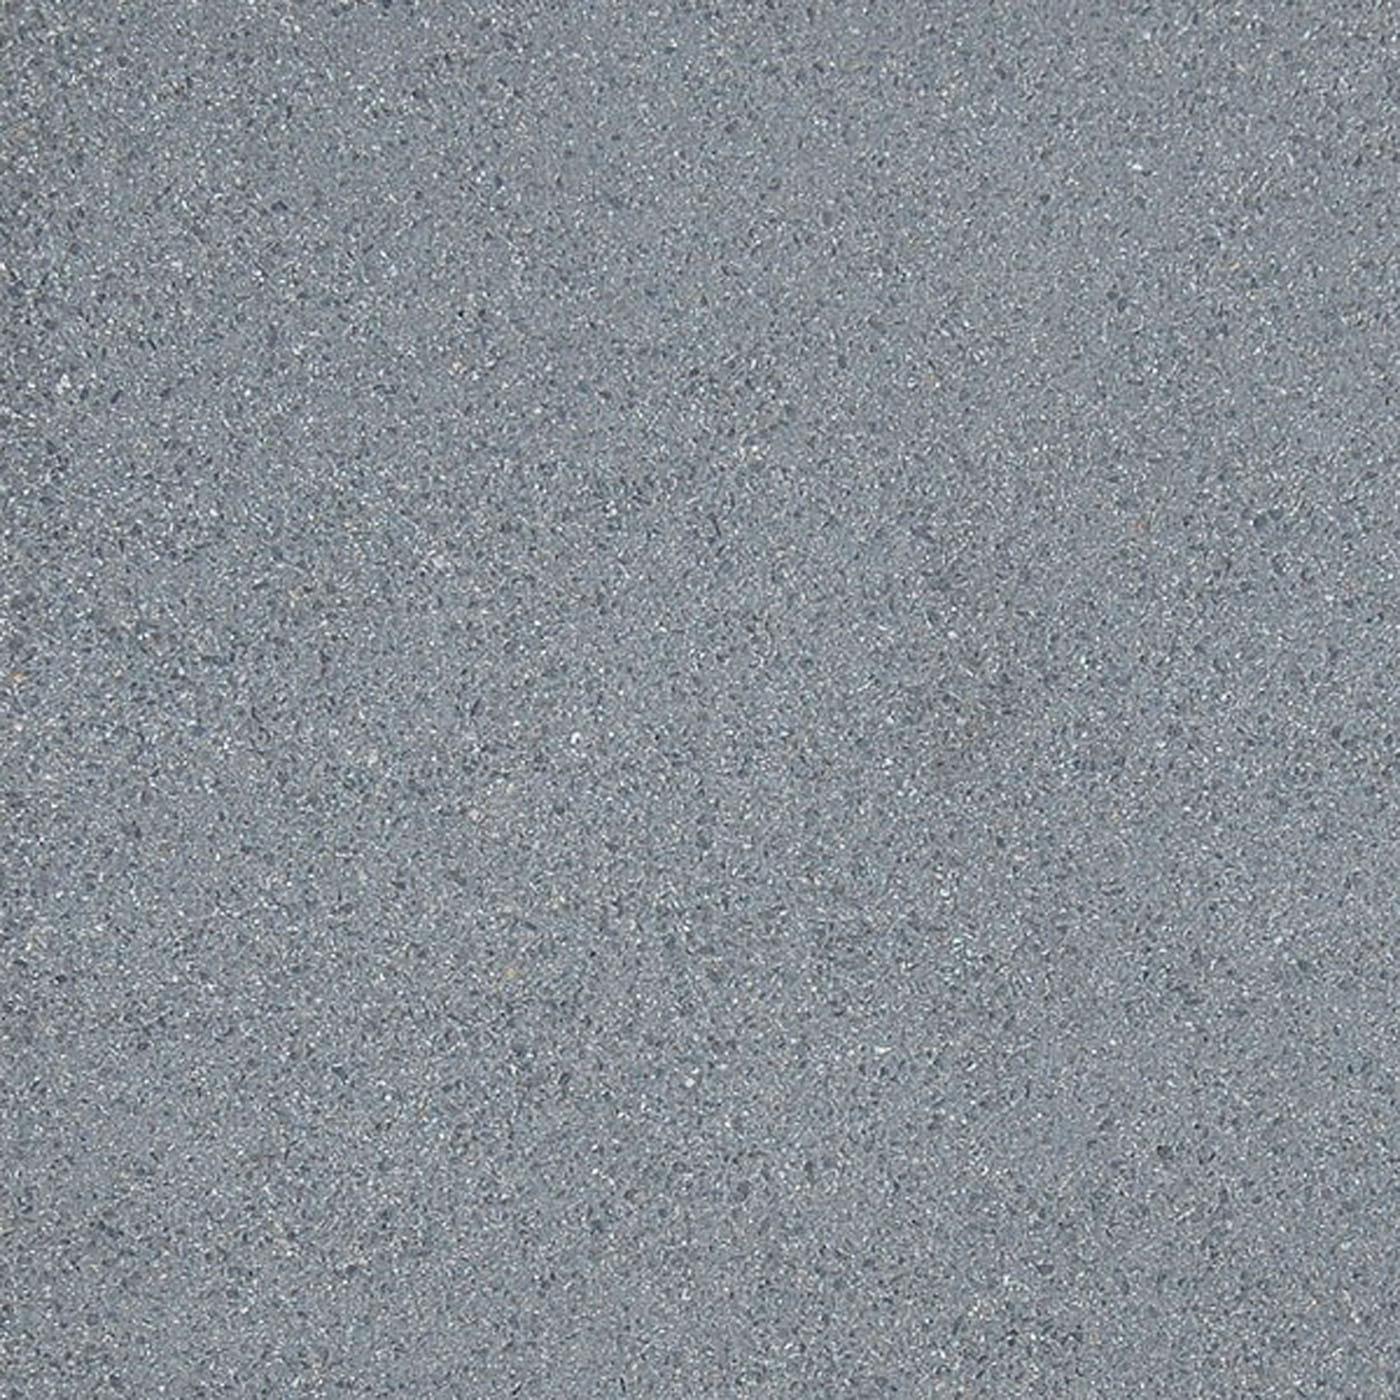 Plaque Beton Cloture Leroy Merlin dalle beton gris anthracite - dalle terrasse clipsable pvc